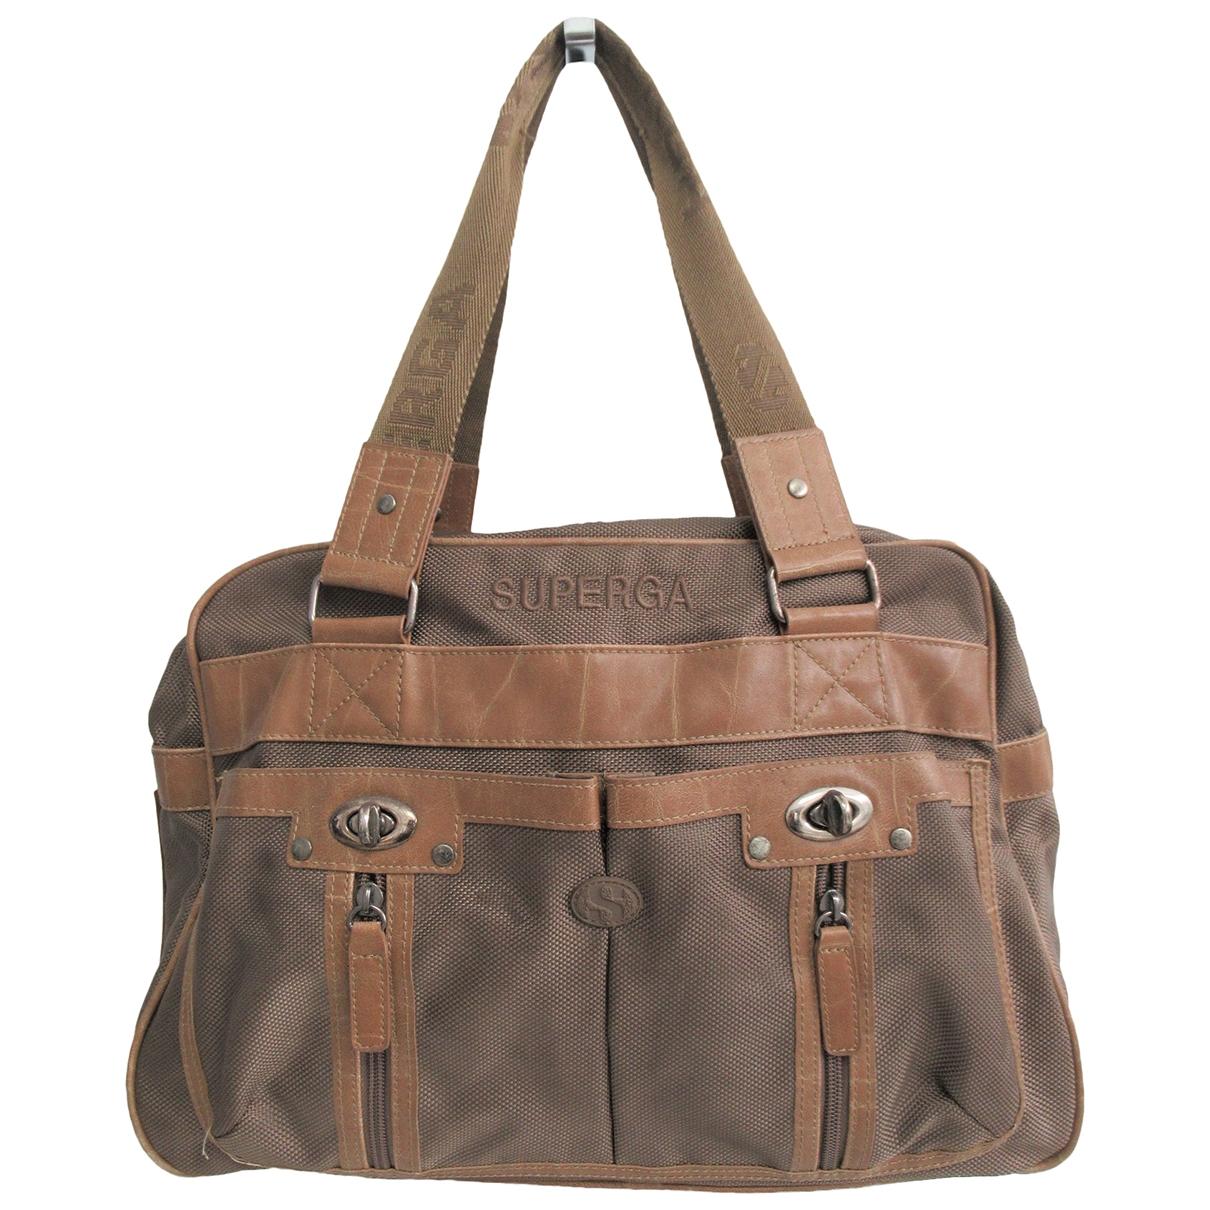 Superga \N Handtasche in  Gruen Leinen